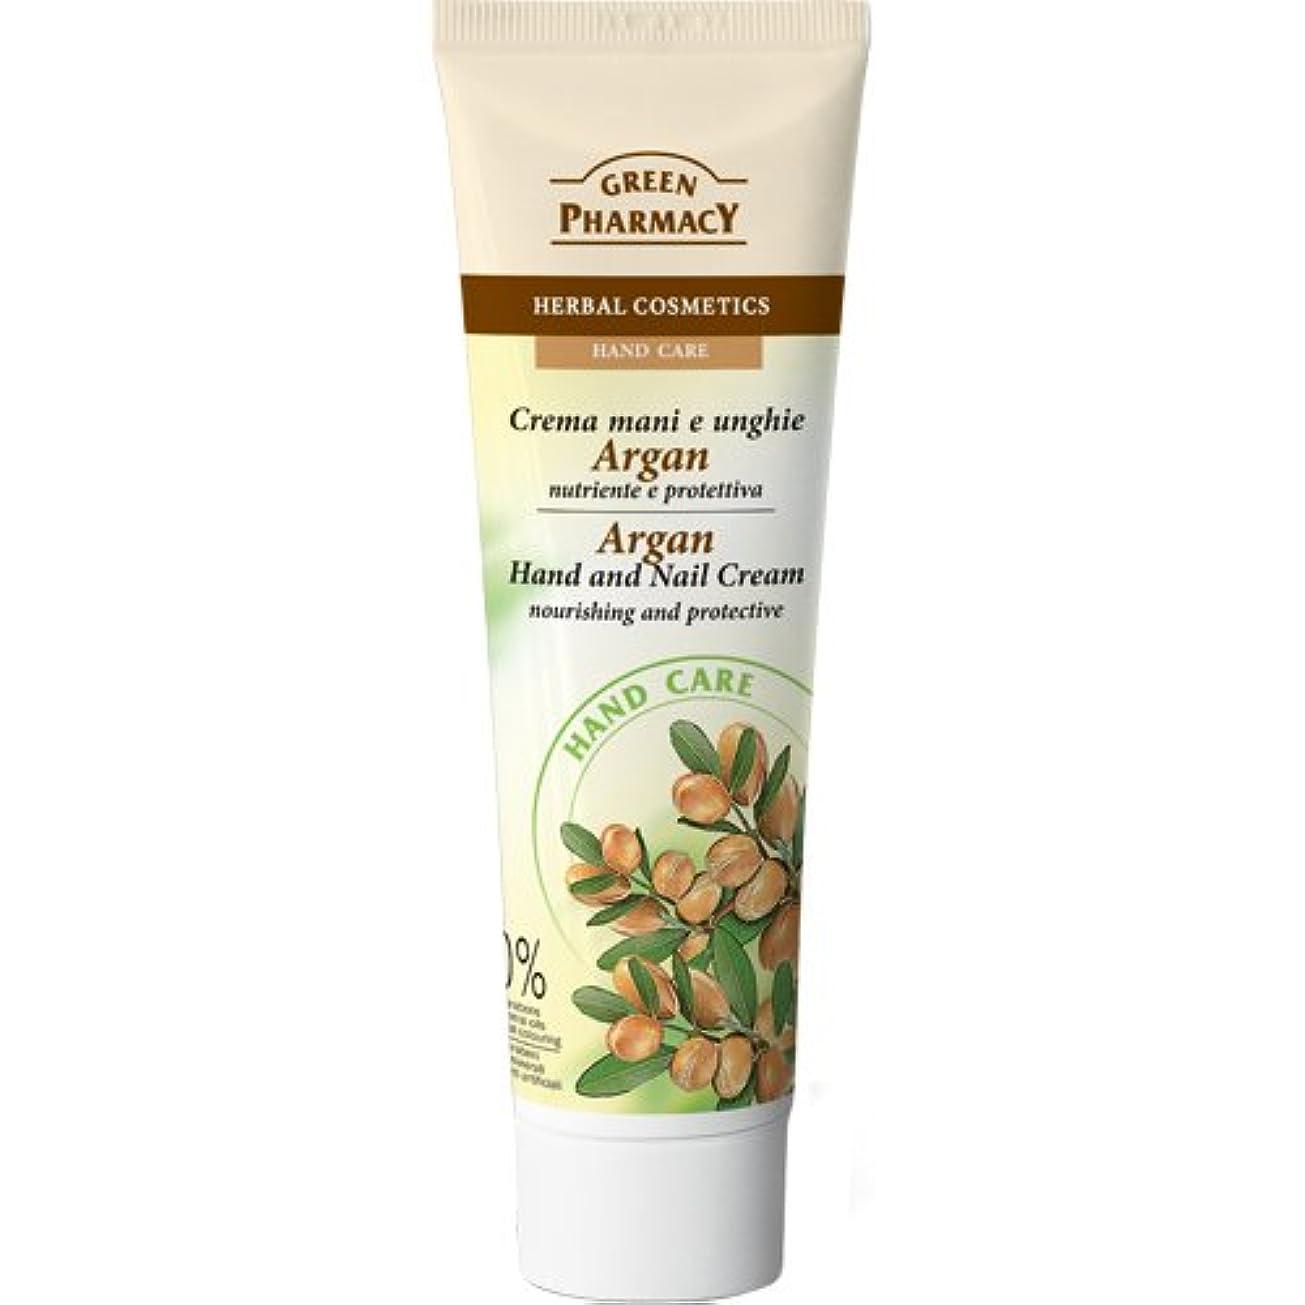 投獄広げるおじいちゃんElfa Pharm Green Pharmacy グリーンファーマシー Hand&Nail Cream ハンド&ネイルクリーム Argan Oil